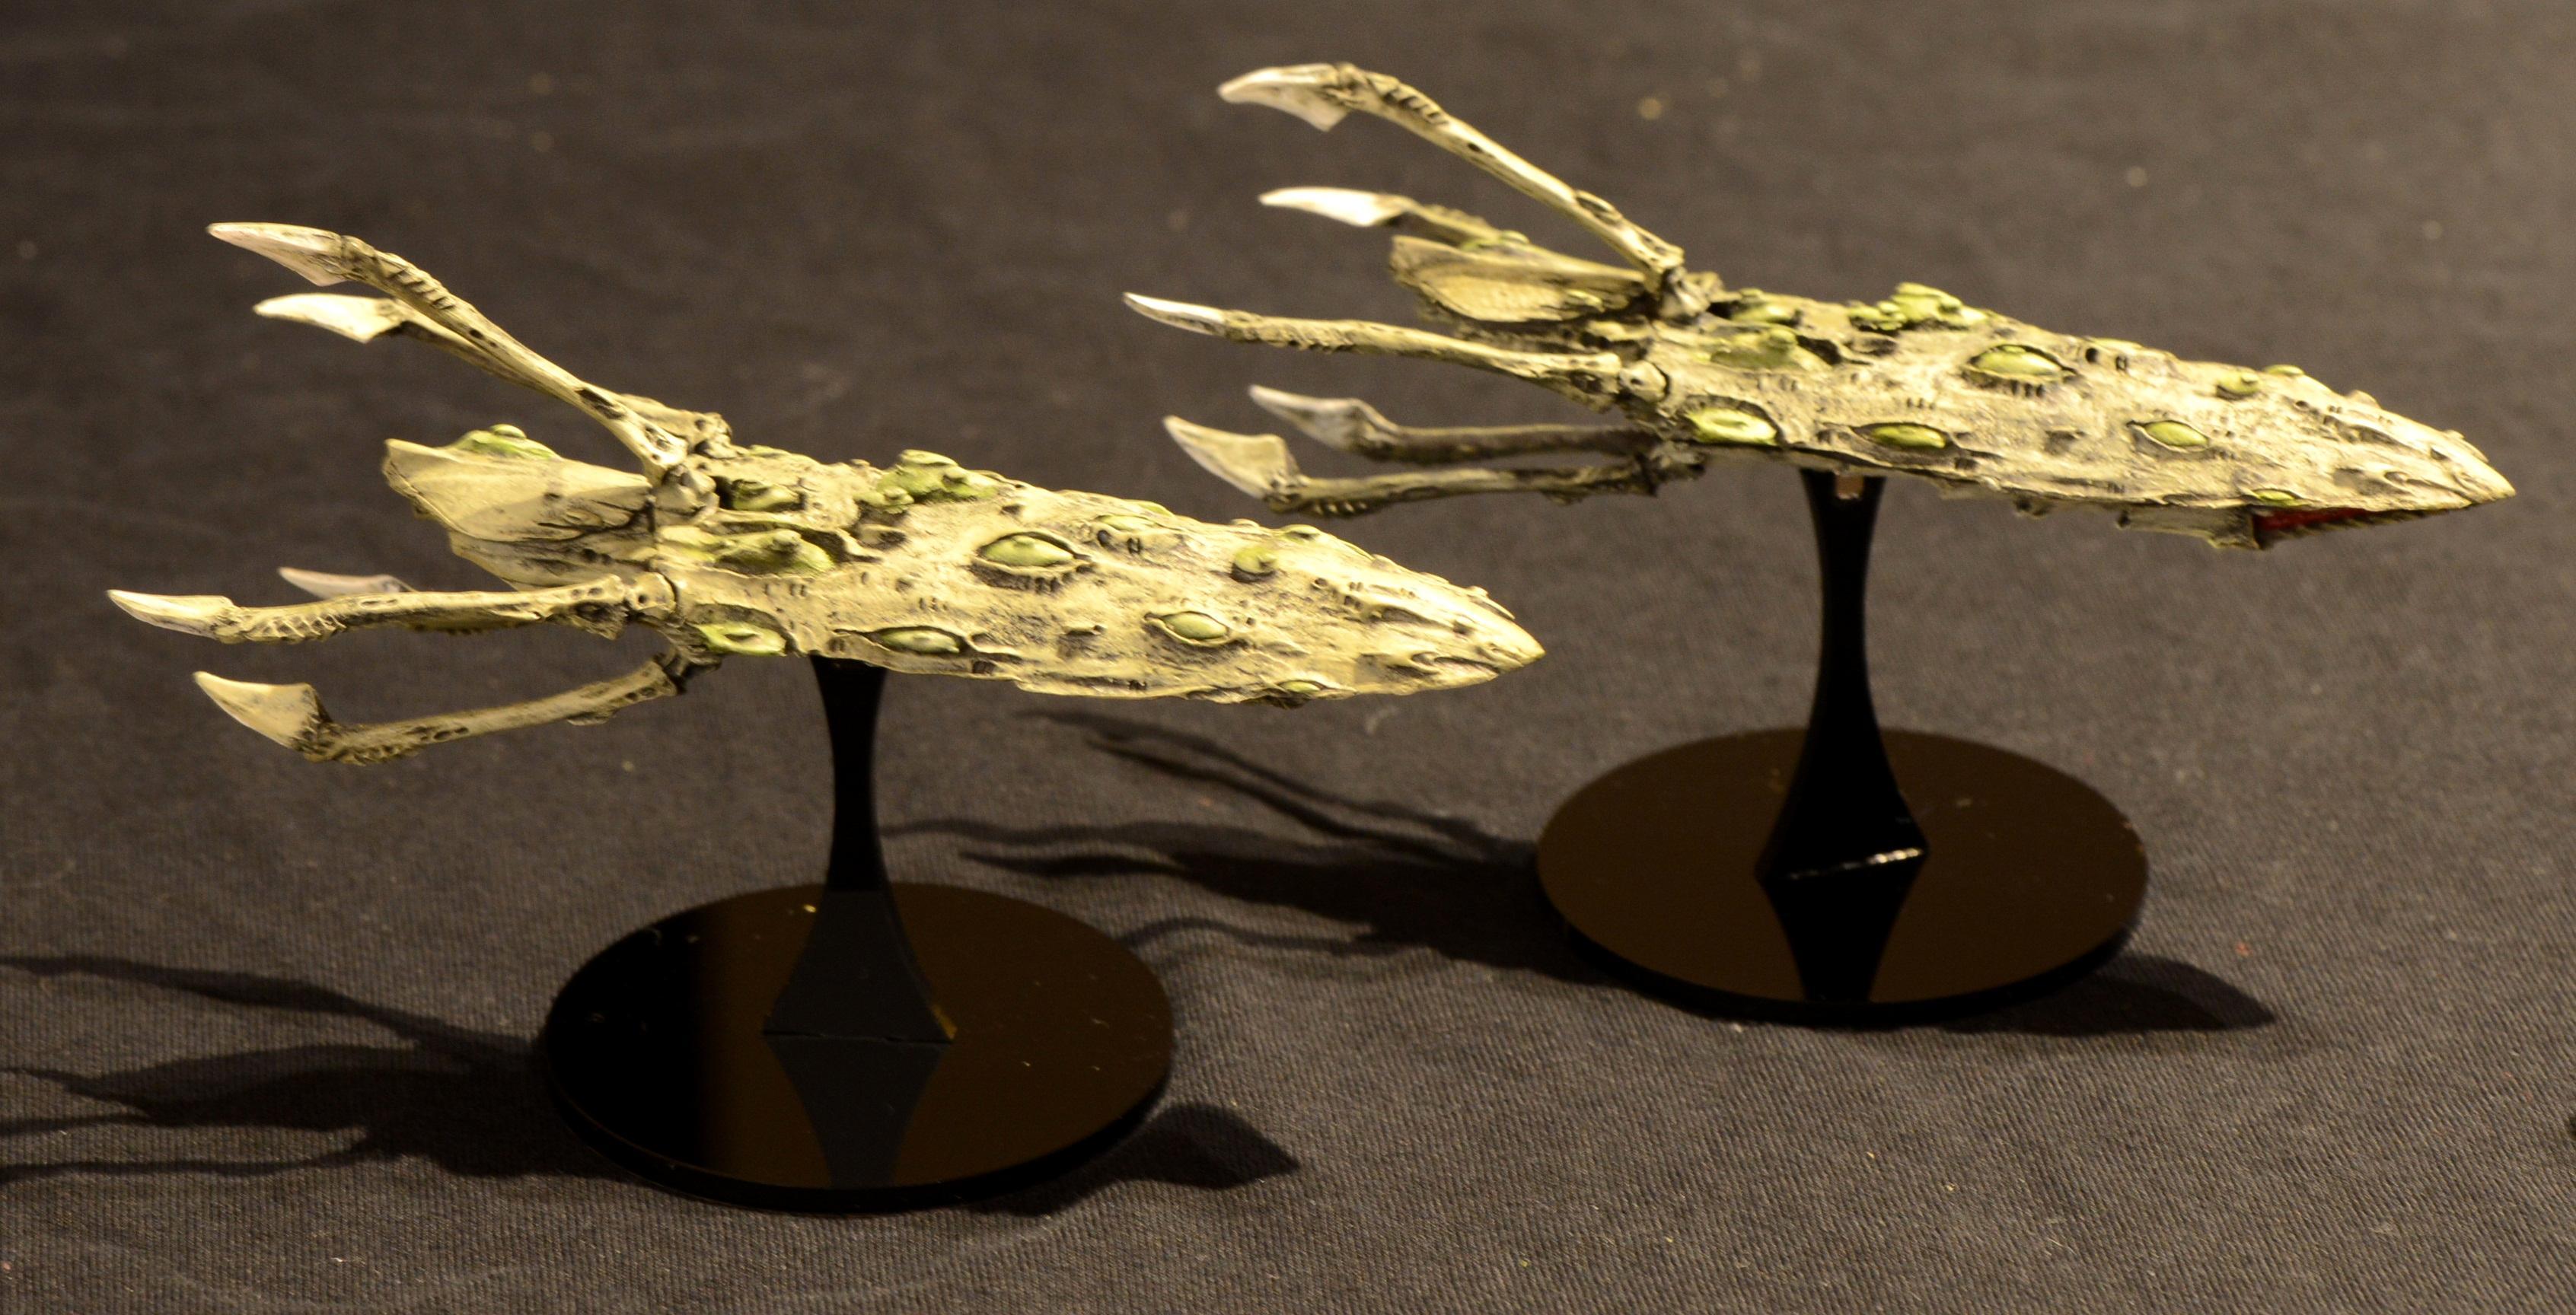 Battlefleet, Battlefleet Gothic, Fleet, Gothic, Hive, Nids, Ship, Ships, Tyranids